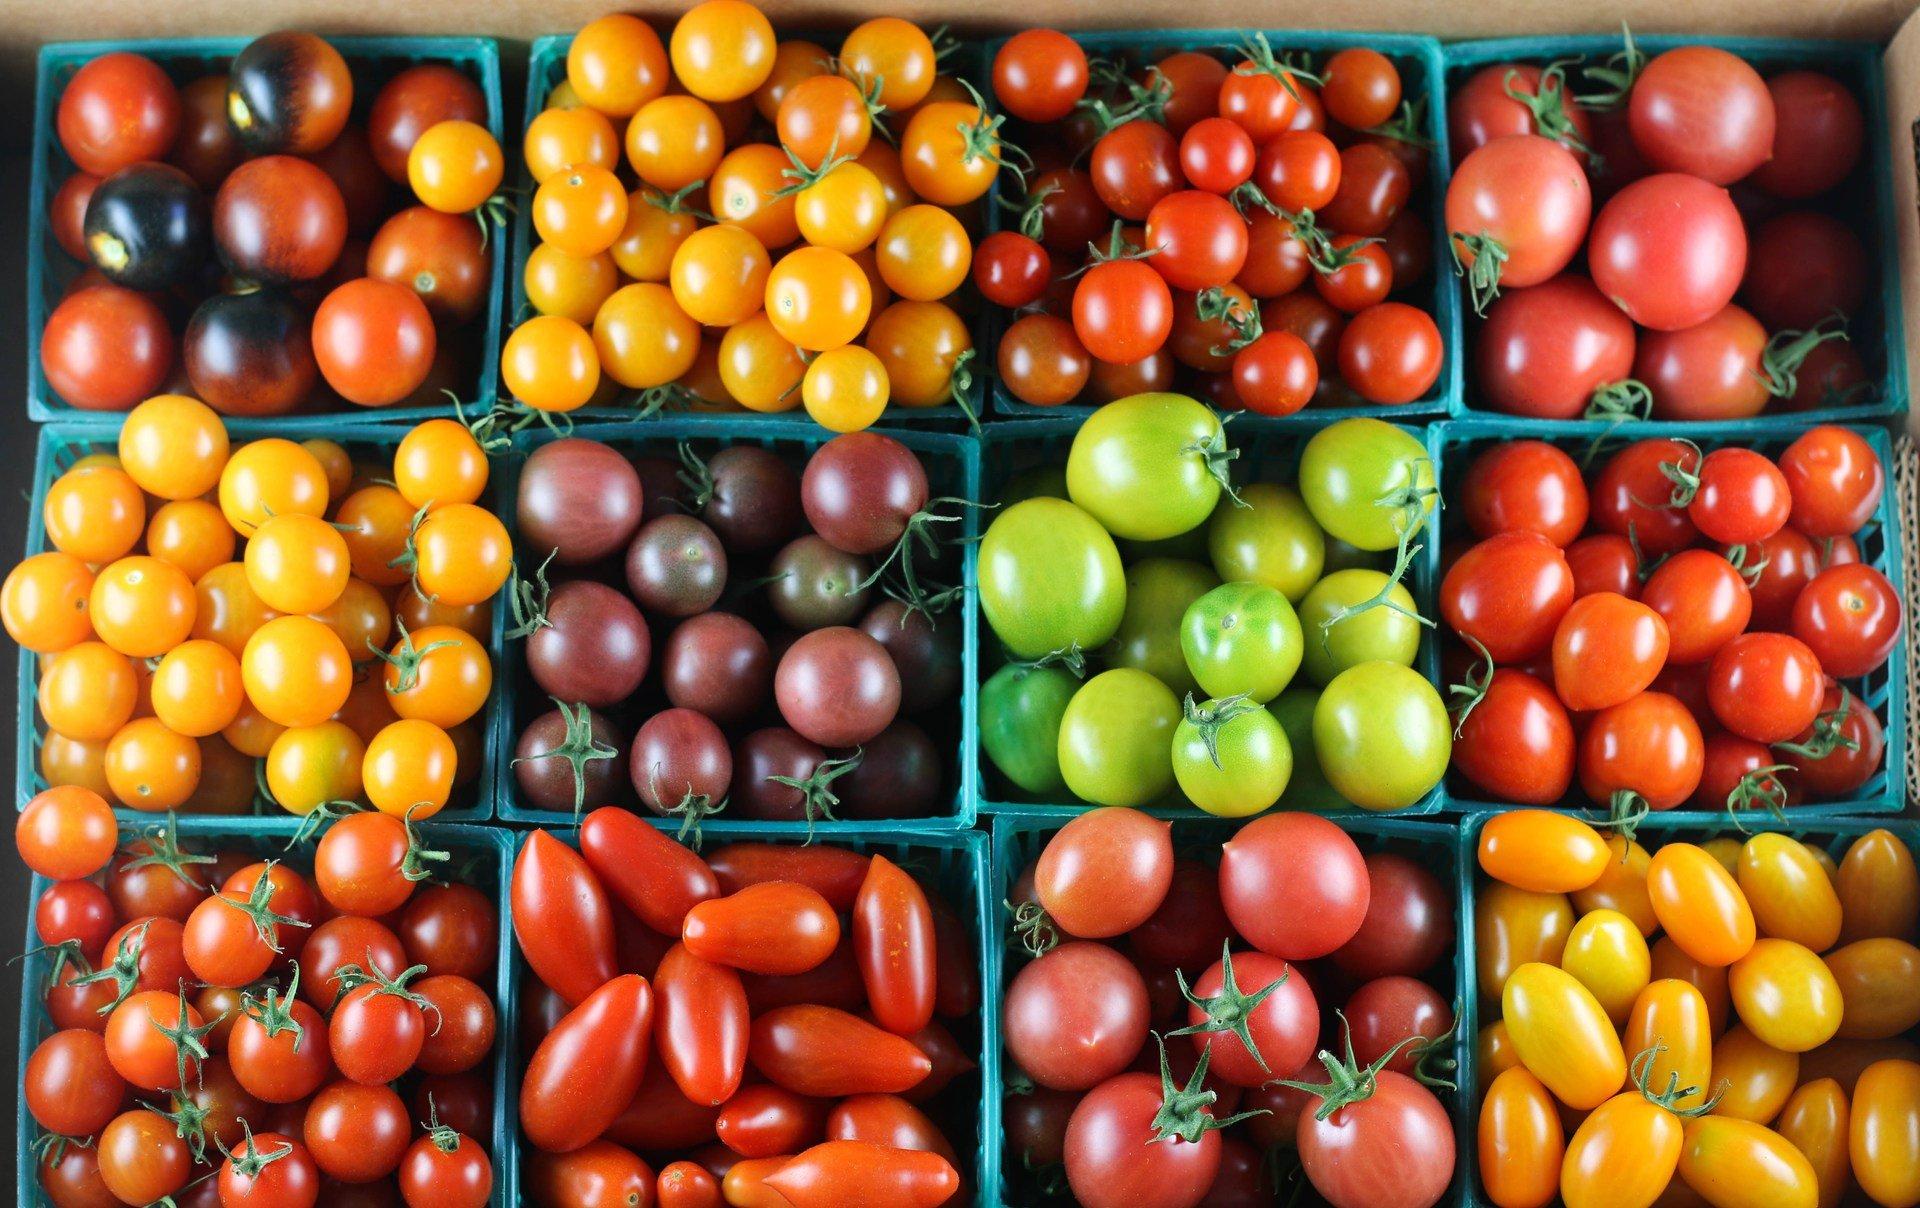 которых внутренняя помидоры сорт интересной формы название и фото что светящаяся